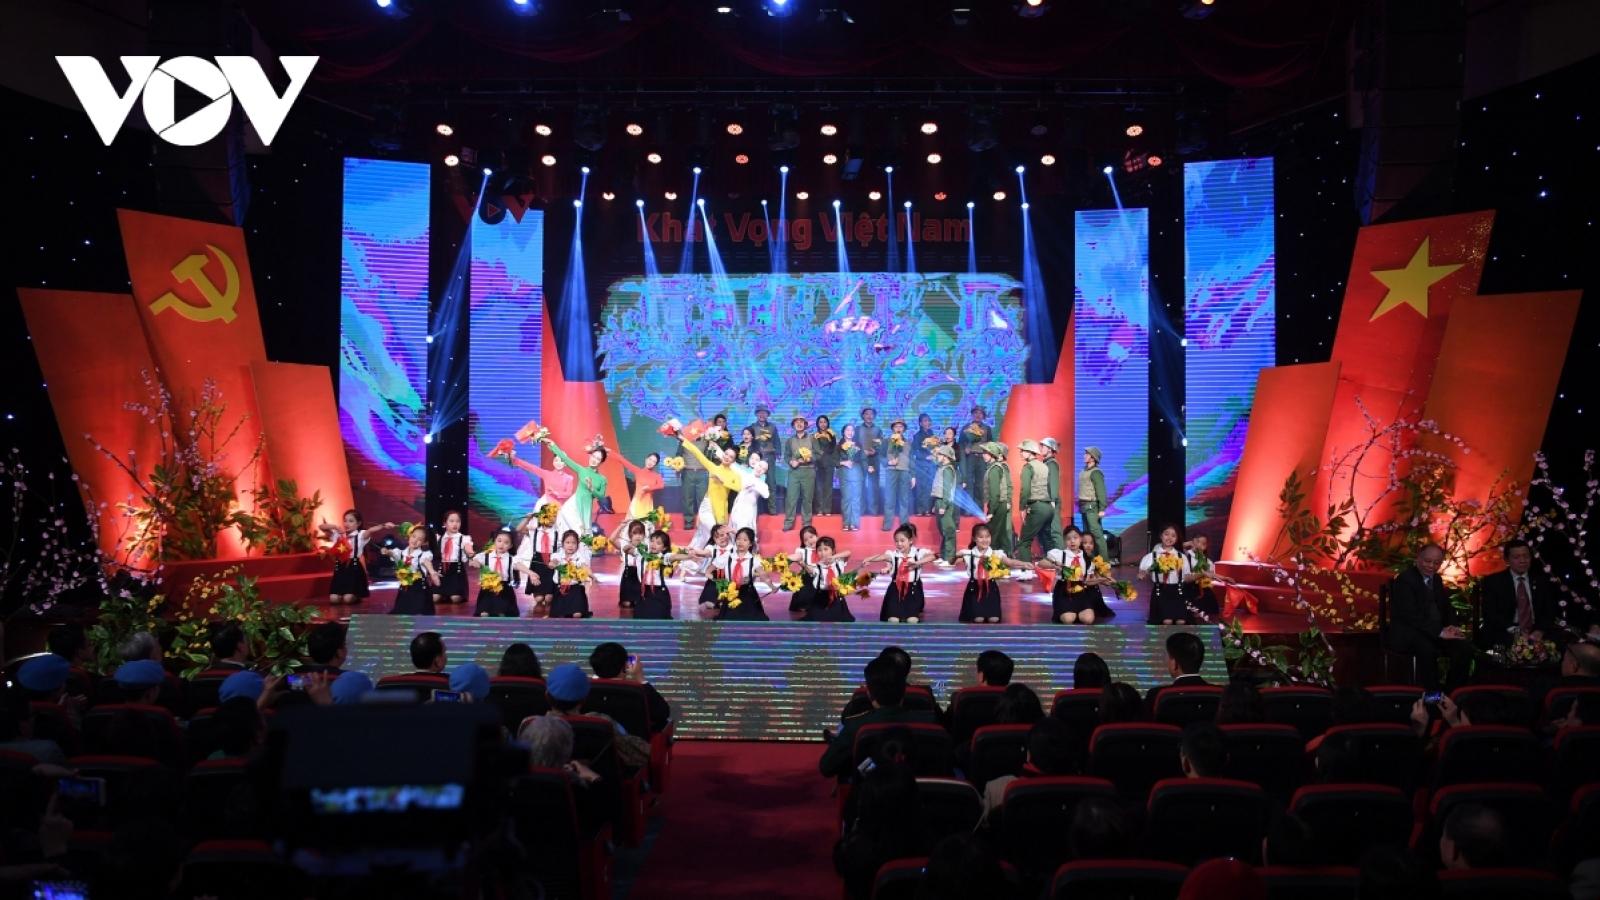 Hàng loạt các sự kiện văn hóa chào mừng Đại hội XIII của Đảng